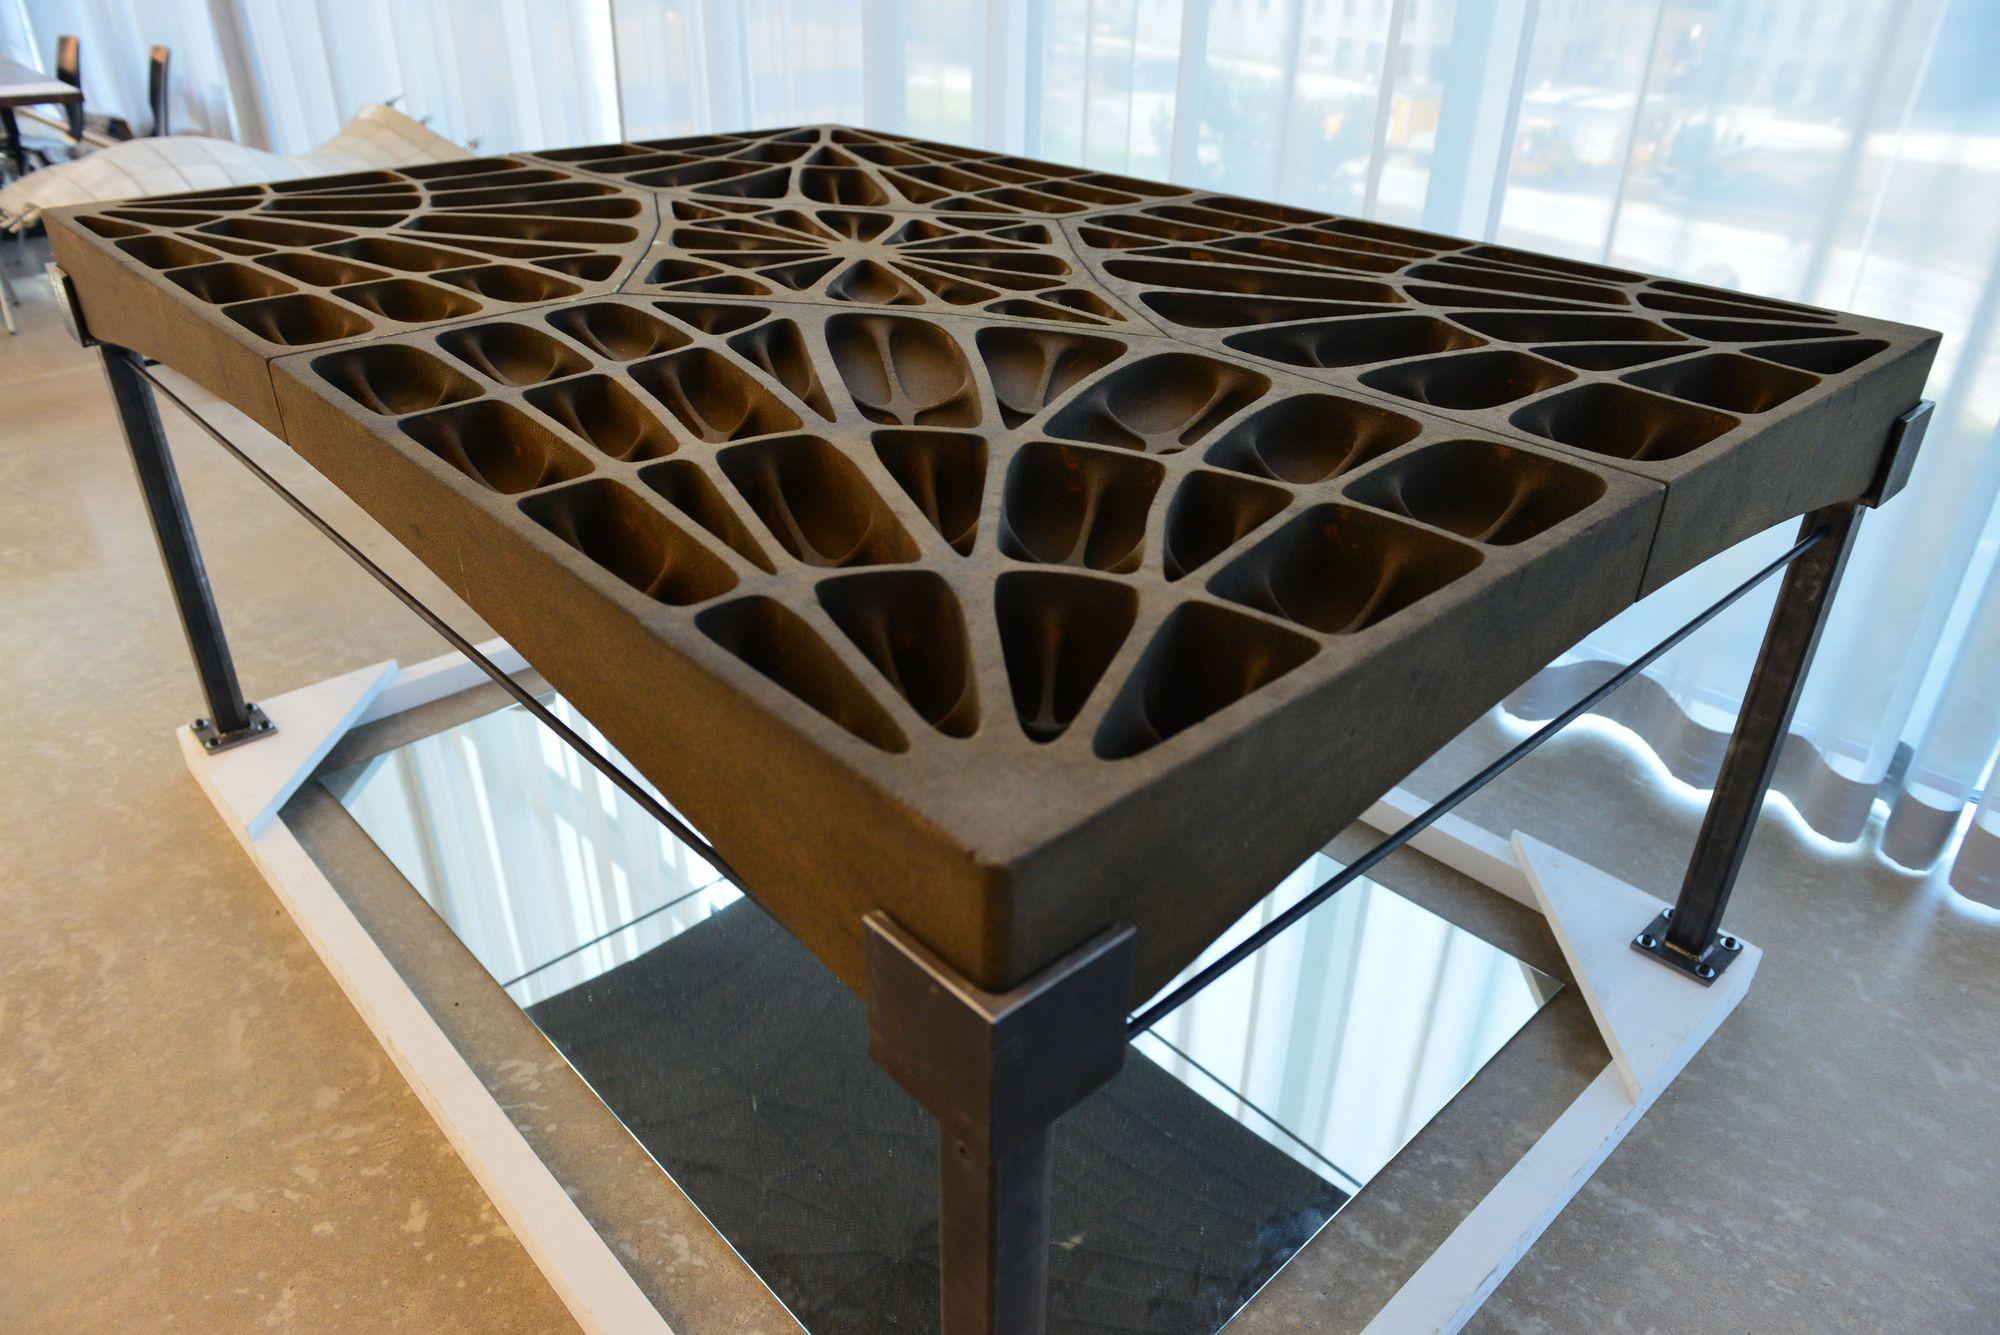 Gothic Construction Techniques Inspire Eth Zurich S Lightweight Concrete Floor Slabs Concrete Floors Floor Slab Concrete Slab